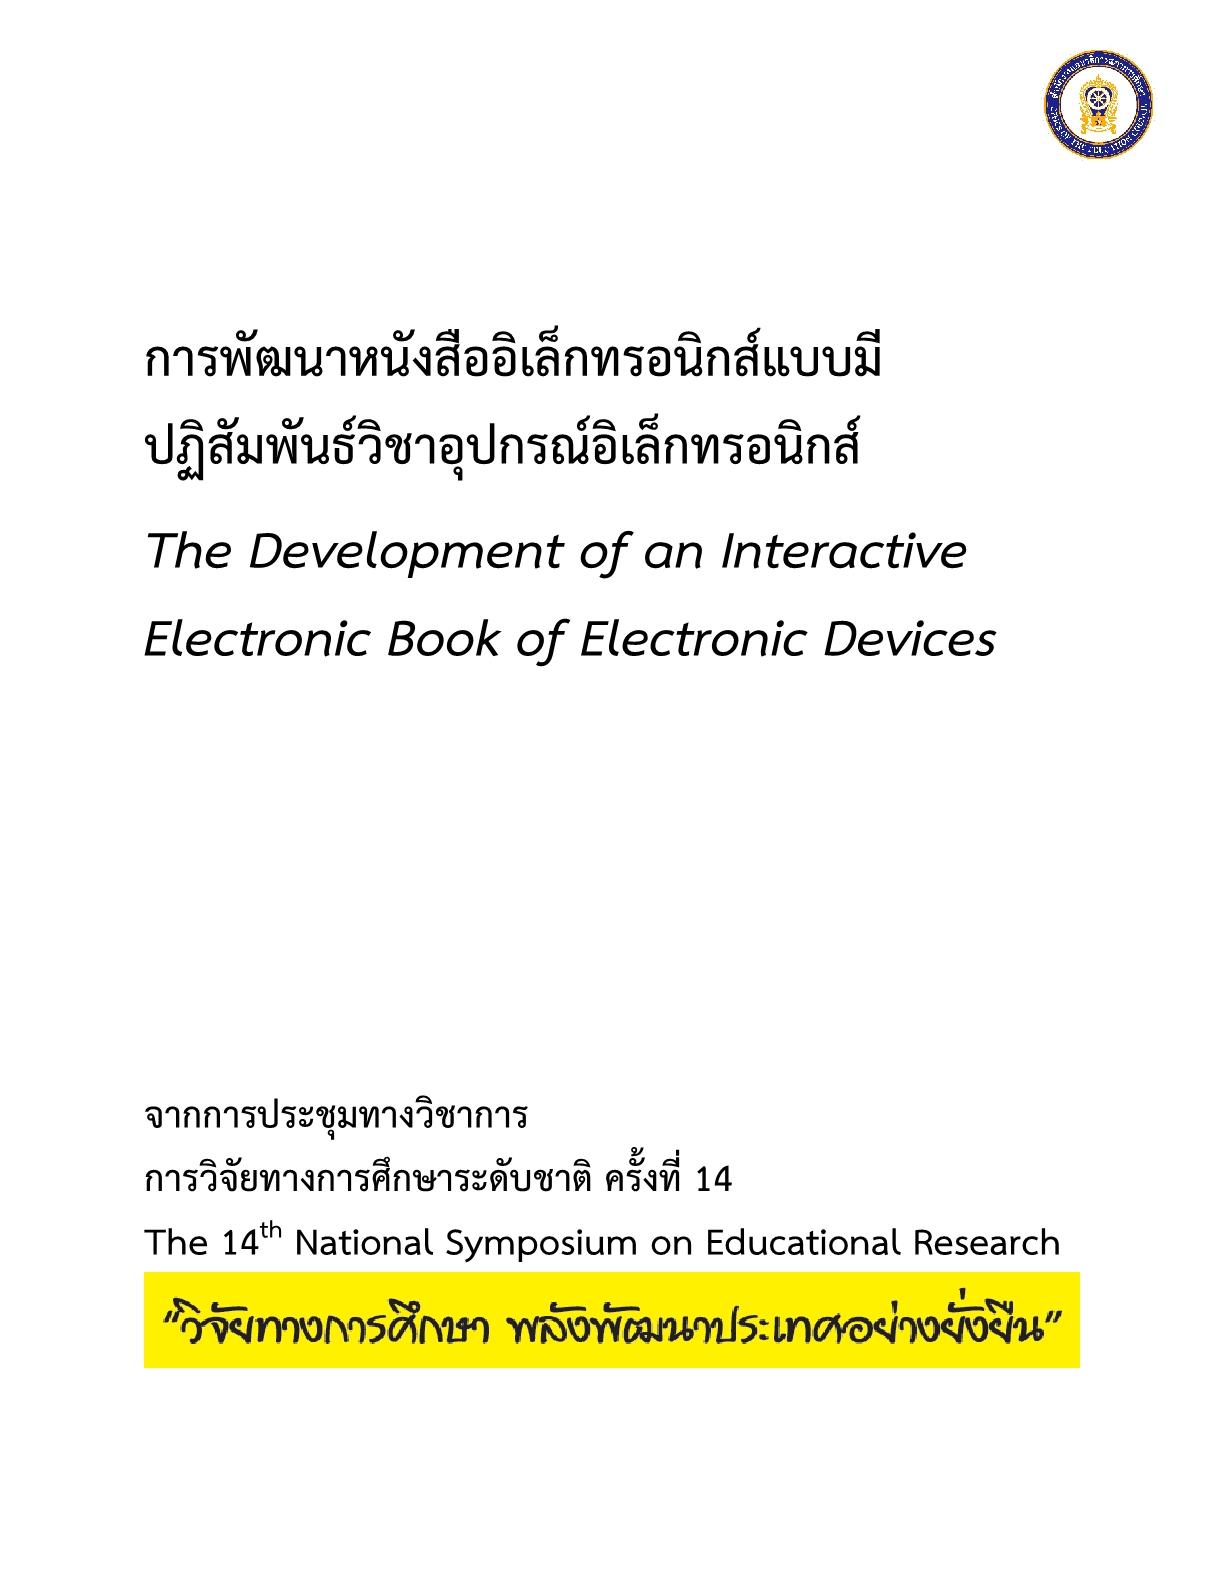 การพัฒนาหนังสืออิเล็กทรอนิกส์แบบมีปฏิสัมพันธ์วิชาอุปกรณ์อิเล็กทรอนิกส์